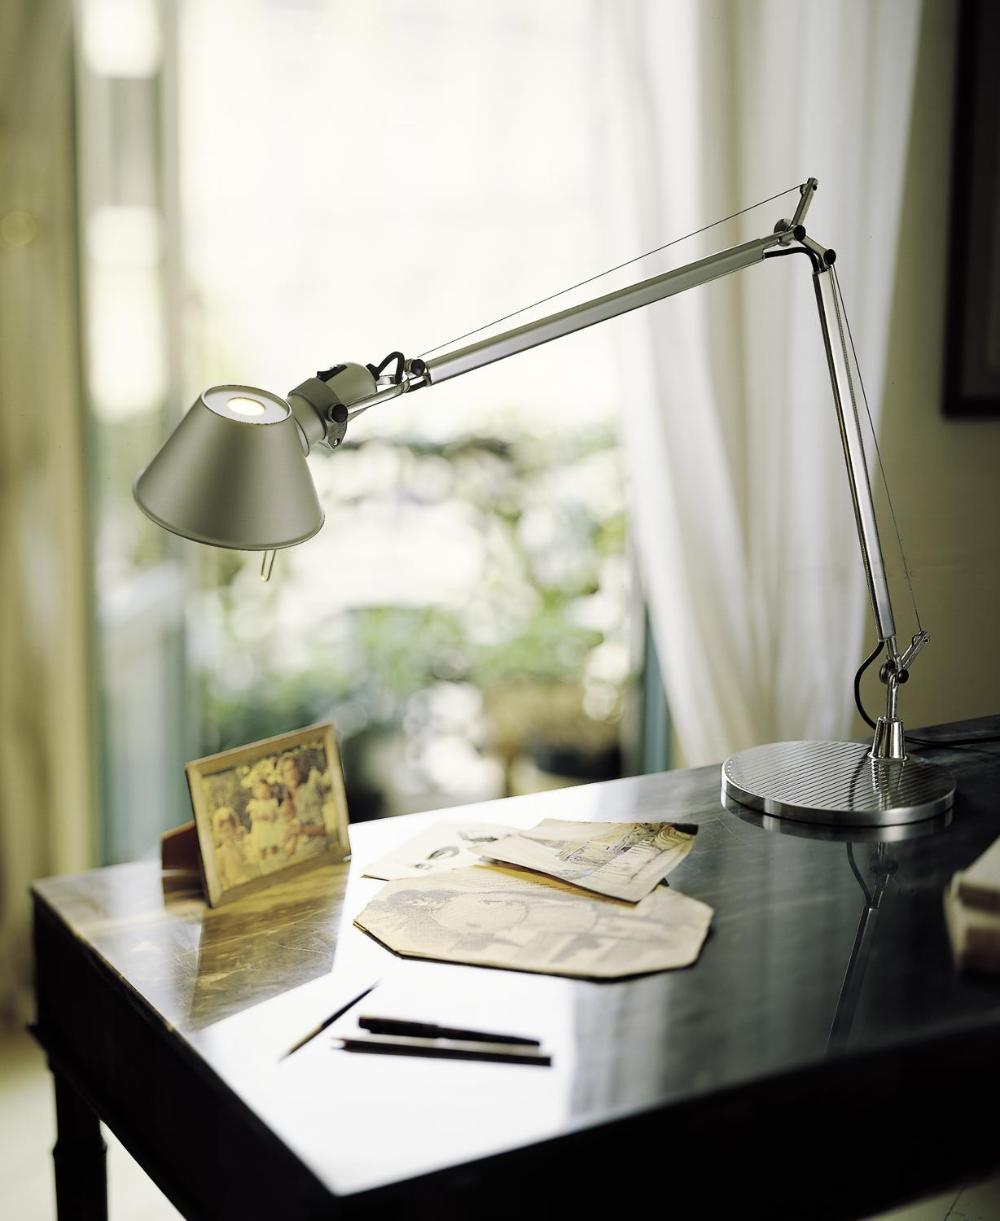 Tolomeo Tavolo Artemide Prediger In 2020 Lampentisch Led Tischleuchte Und Led Schreibtischleuchte